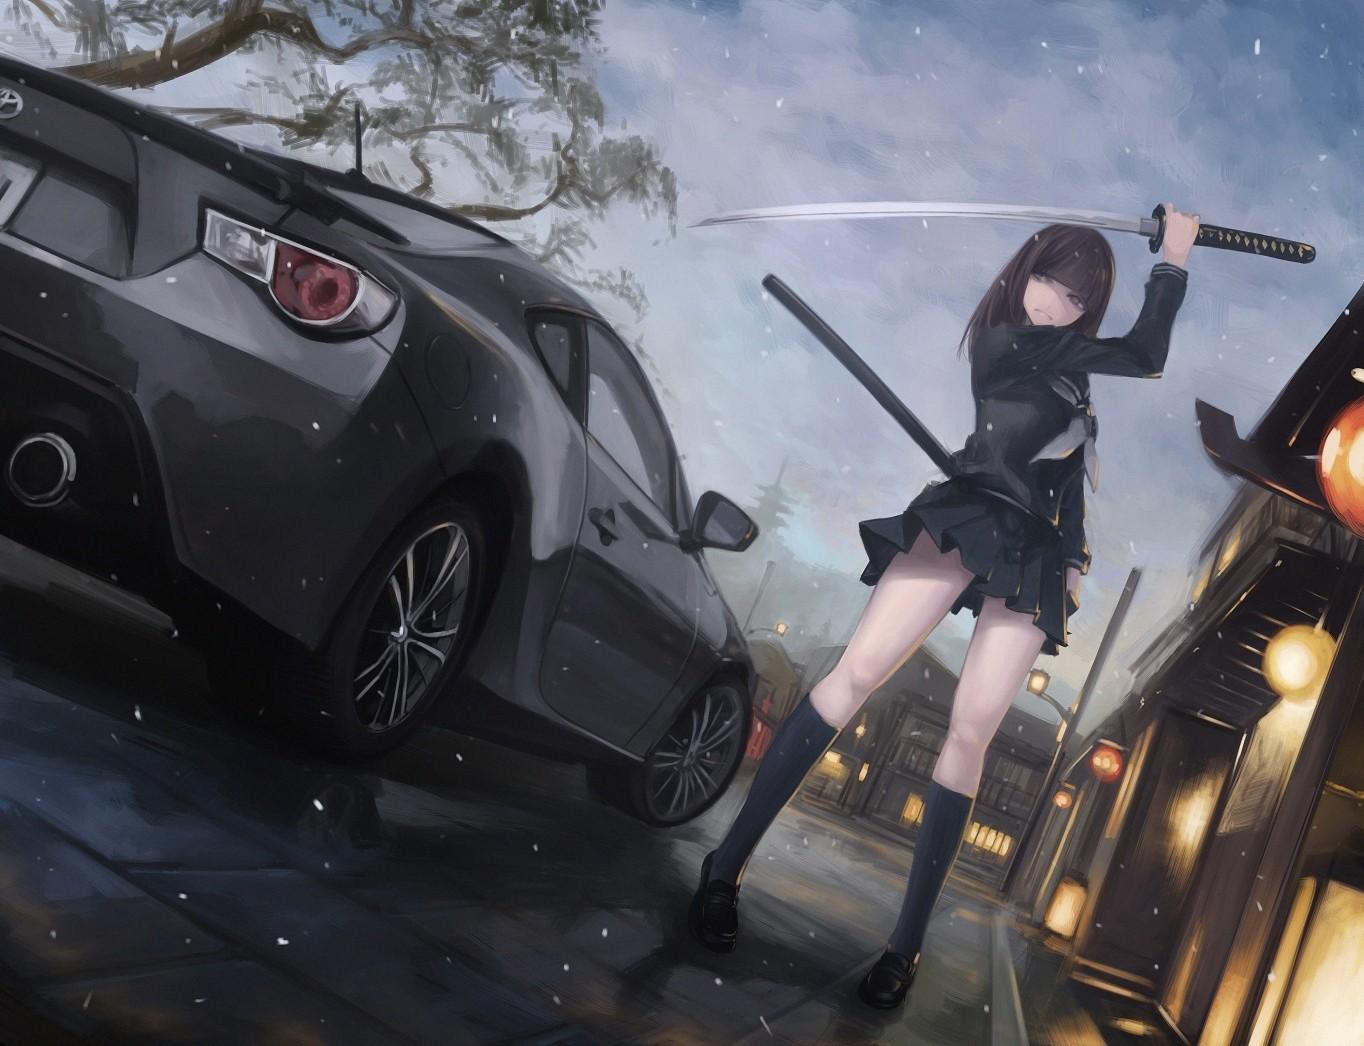 Fantastic Wallpaper Anime Car - anime_girls_car_GT86_Toyota_GT86-126842  Pic_111054      .jpg!d